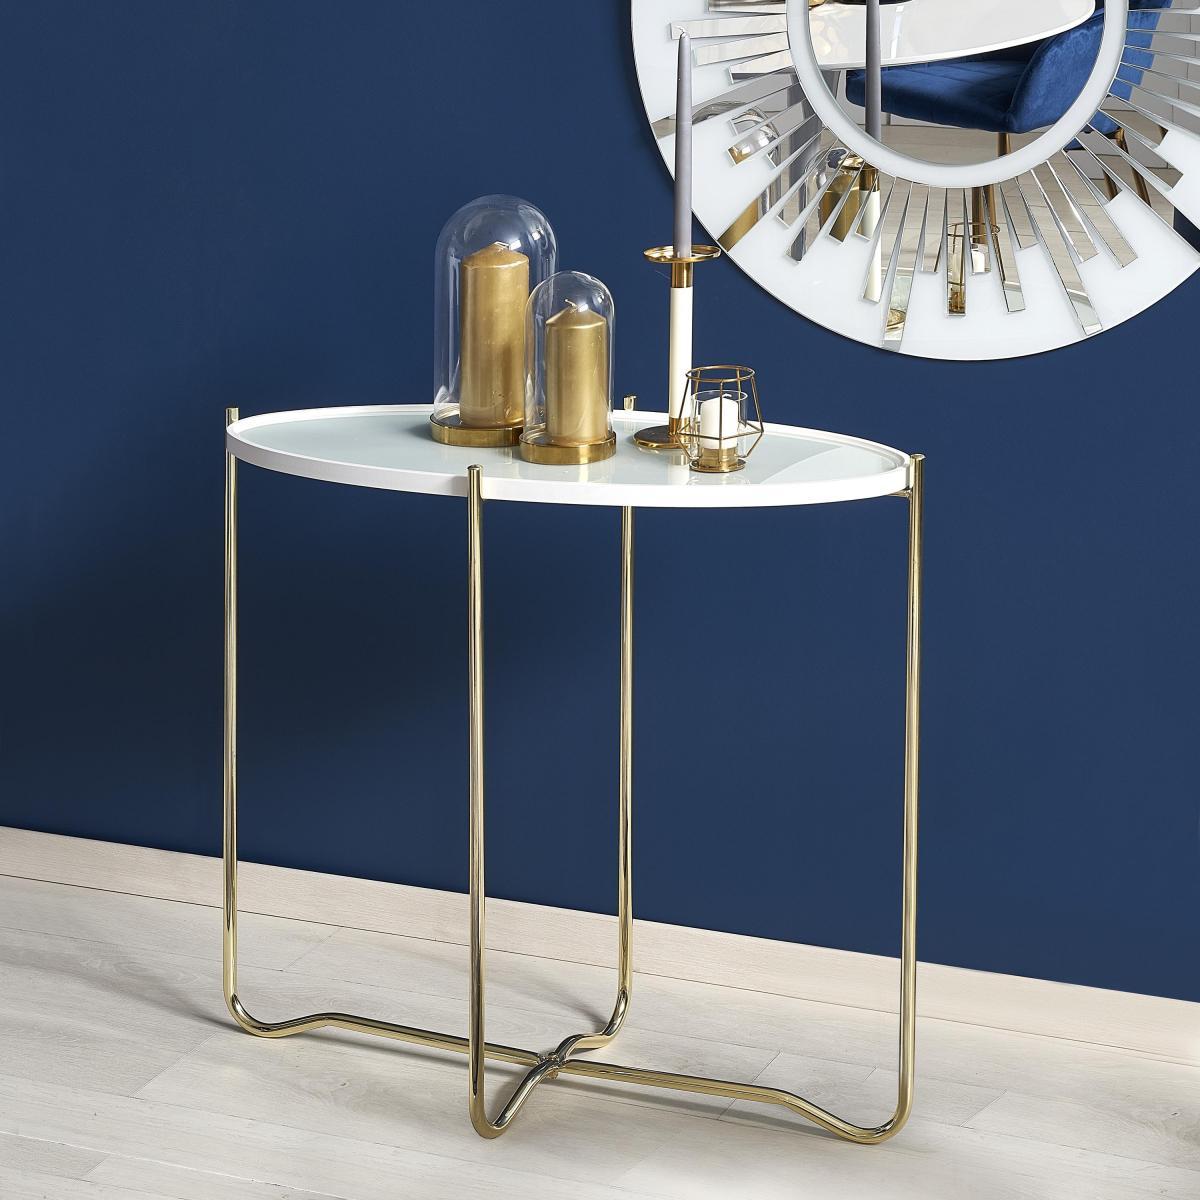 Nowoczesna konsola ze szklanym blatem i złotymi nogami - aranżacja